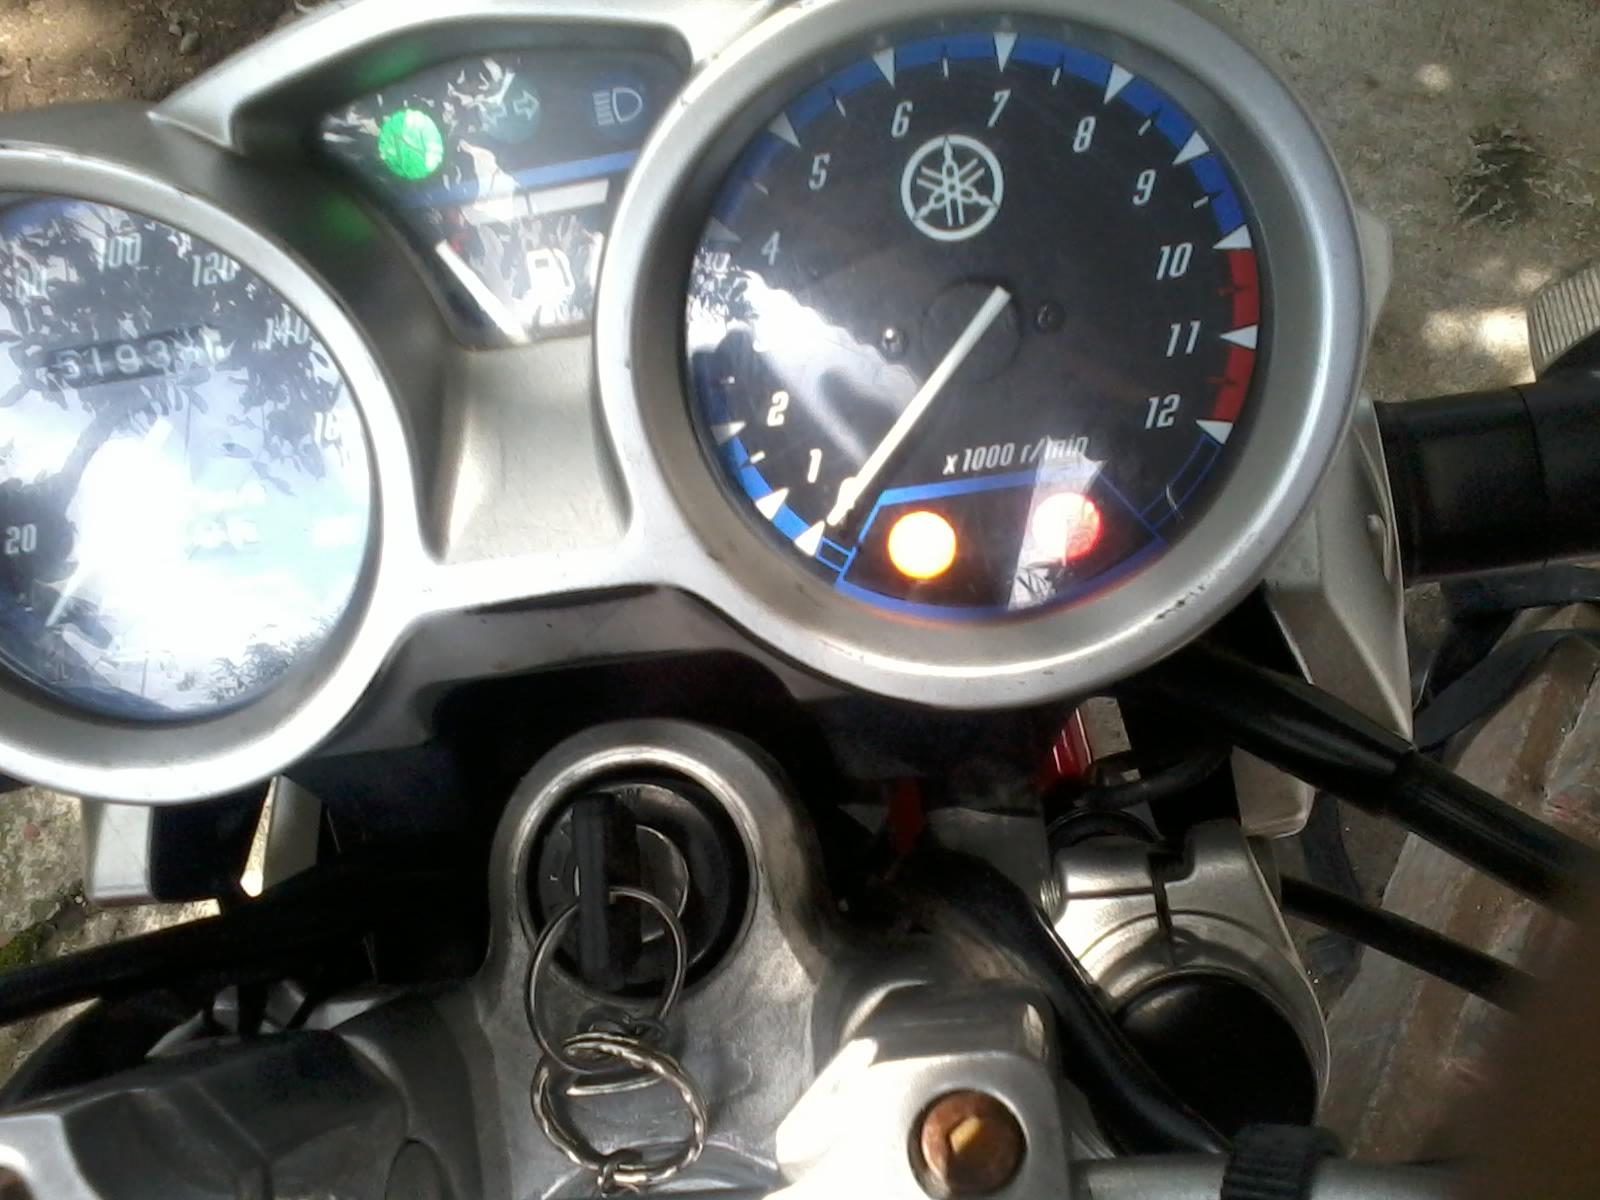 Terkadang Penyemplak Yamaha V Ixion Dibuat Bingung Oleh Lampu Indikator Kerusakaan Di Spidometer Malfunction Indicator Lamp Ini Terus Berkedip